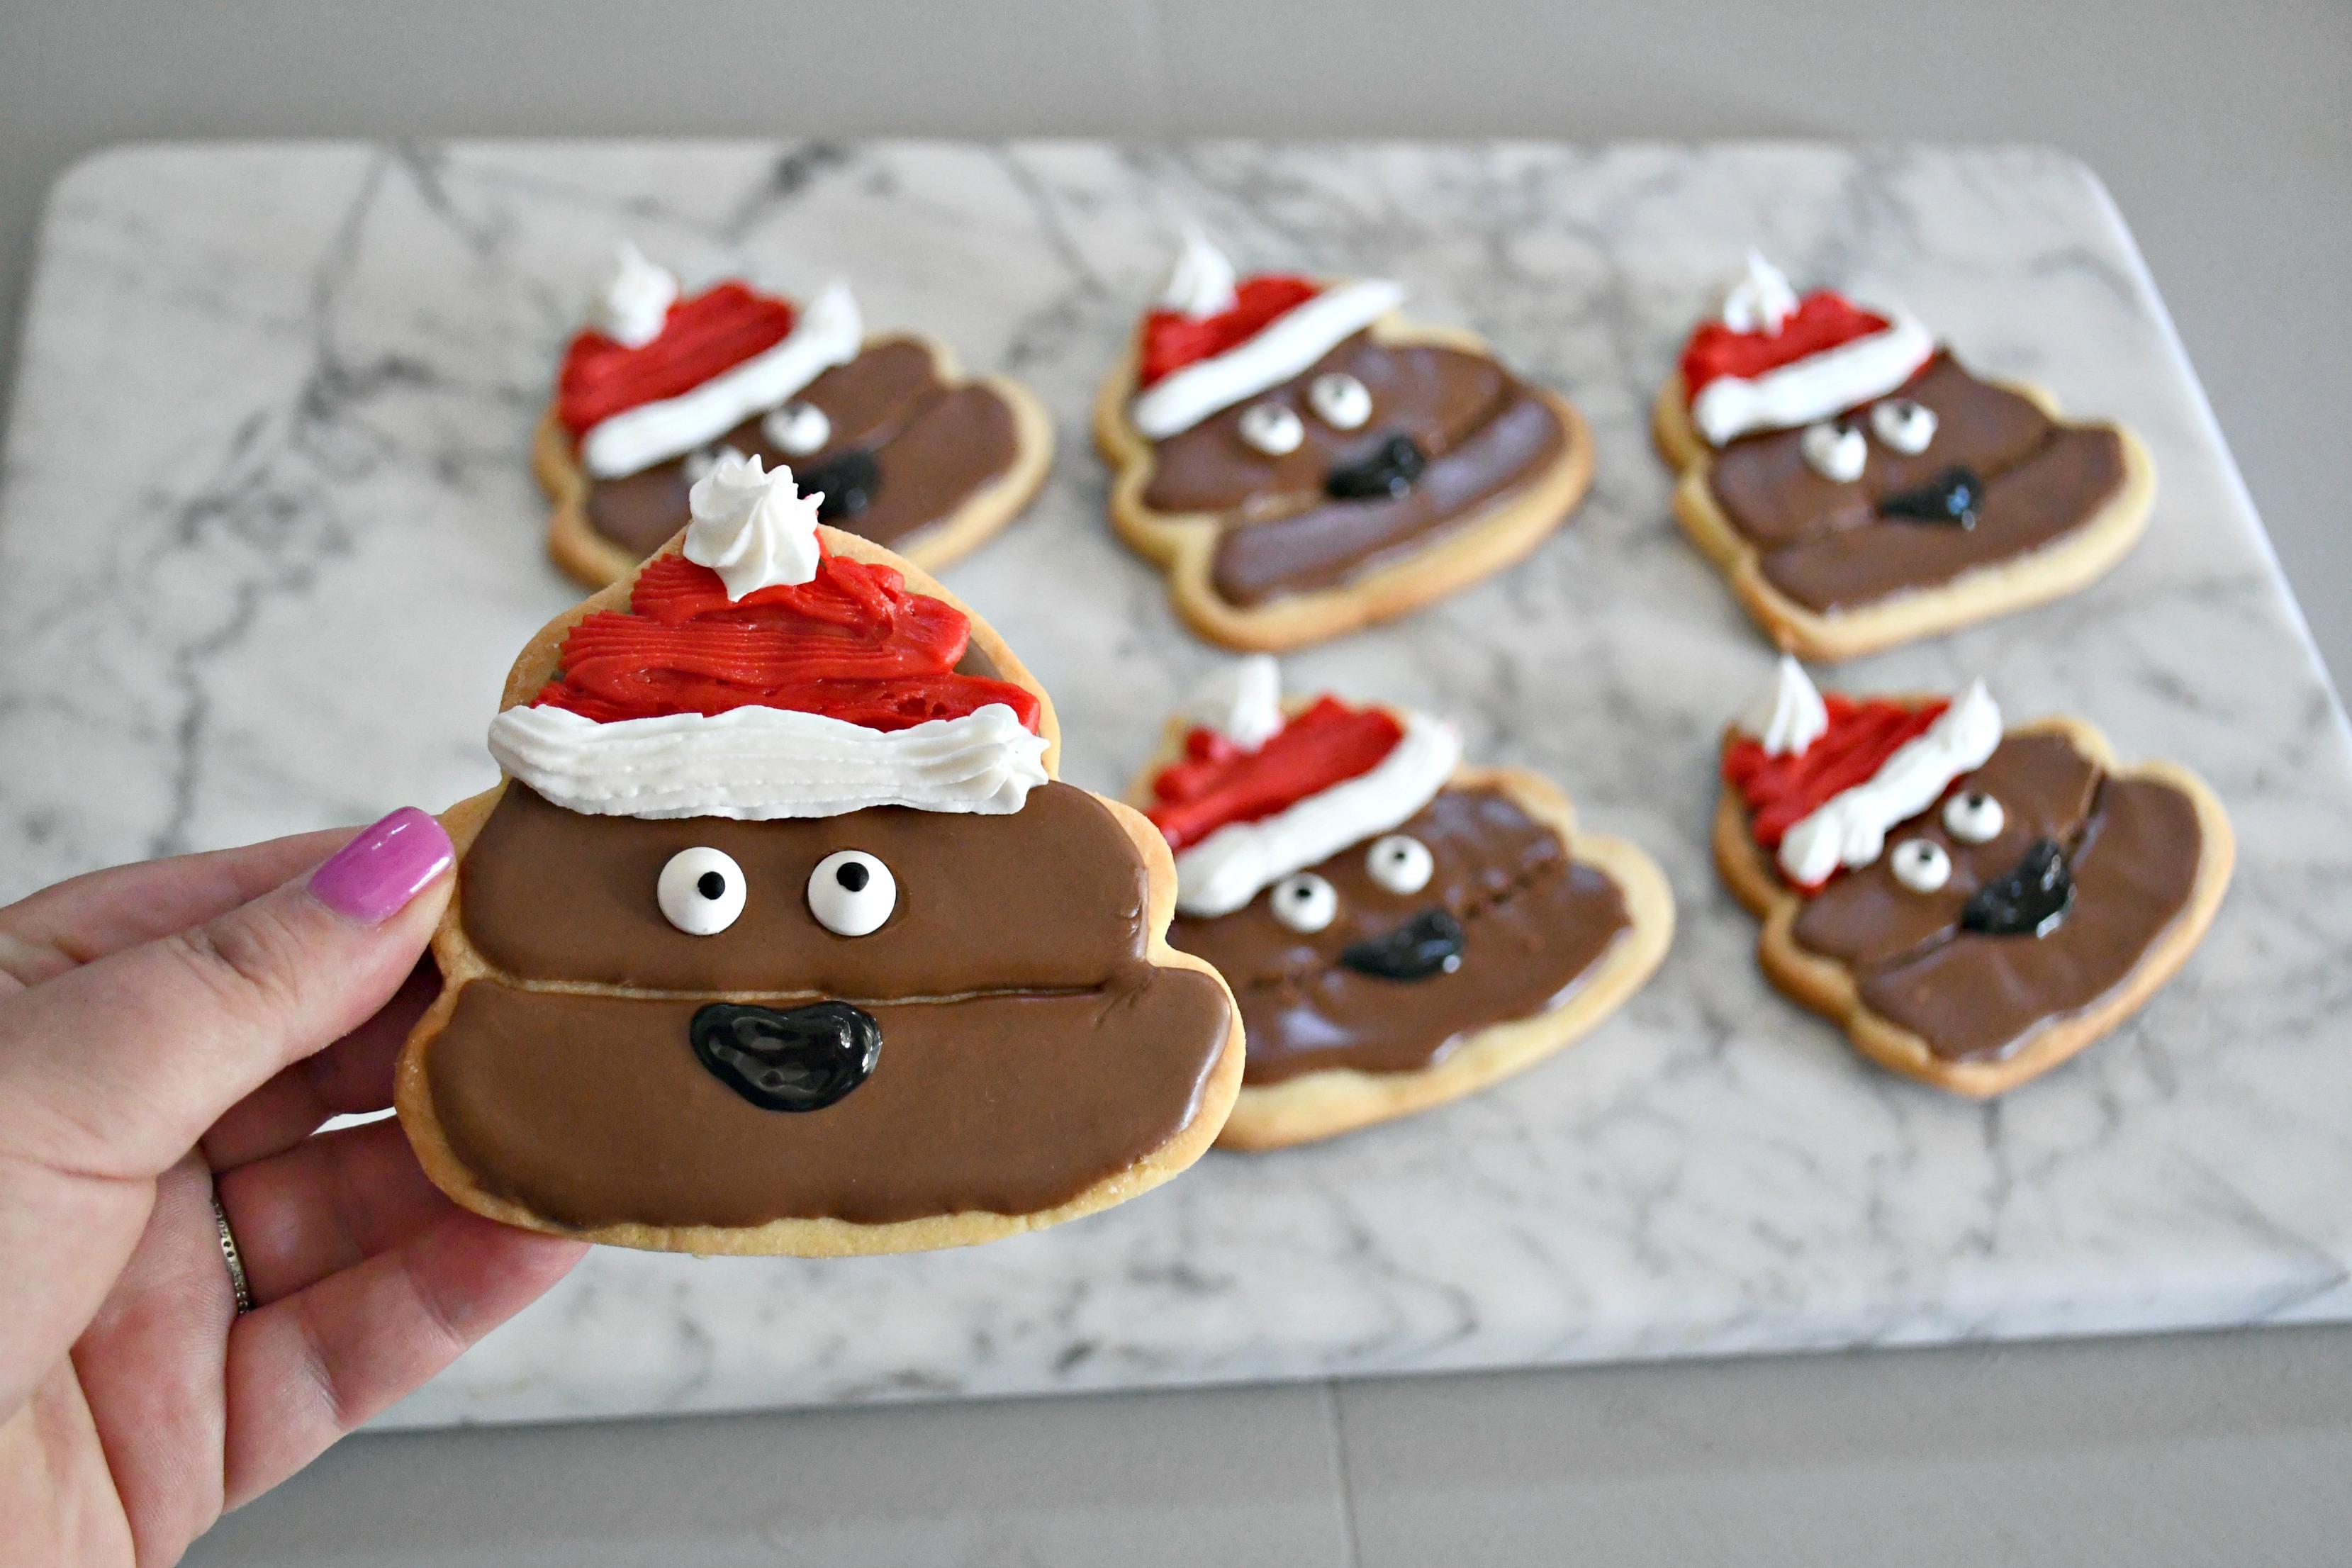 DIY Poop Emoji Santa Christmas Cookies – Closeup of completed cookies